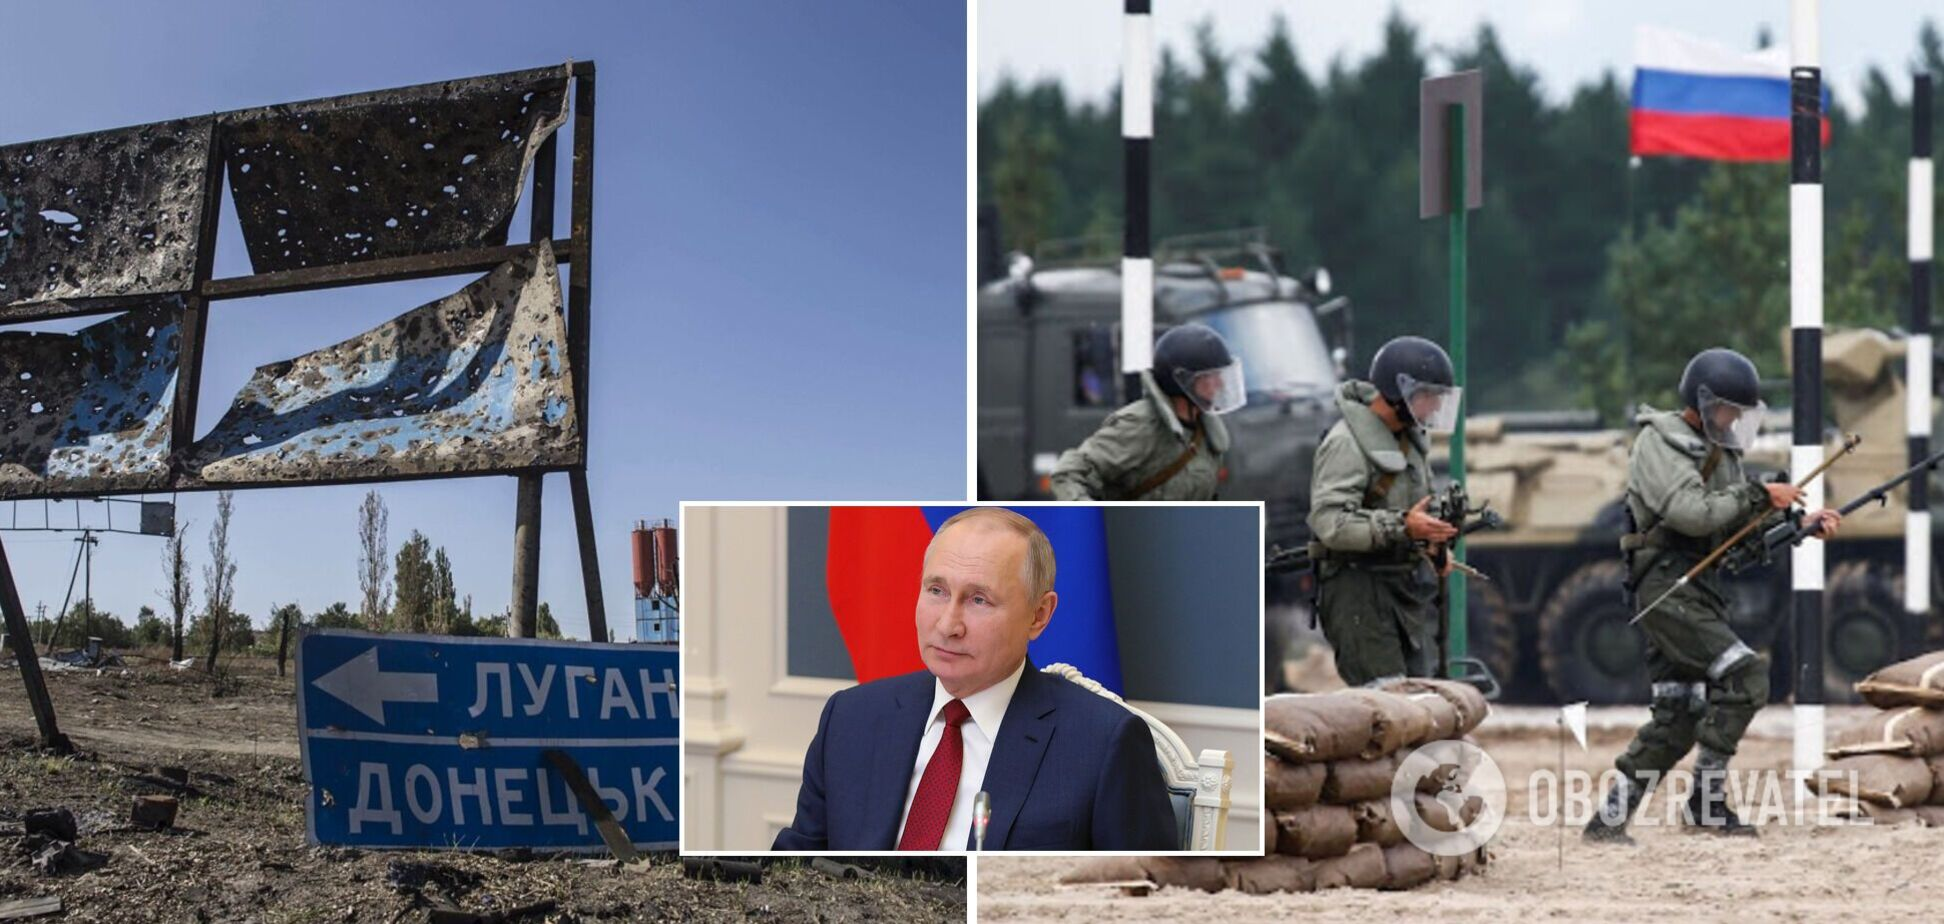 Хто з українців найбільше боїться нового наступу РФ: з'явилися результати дослідження Liberty Report